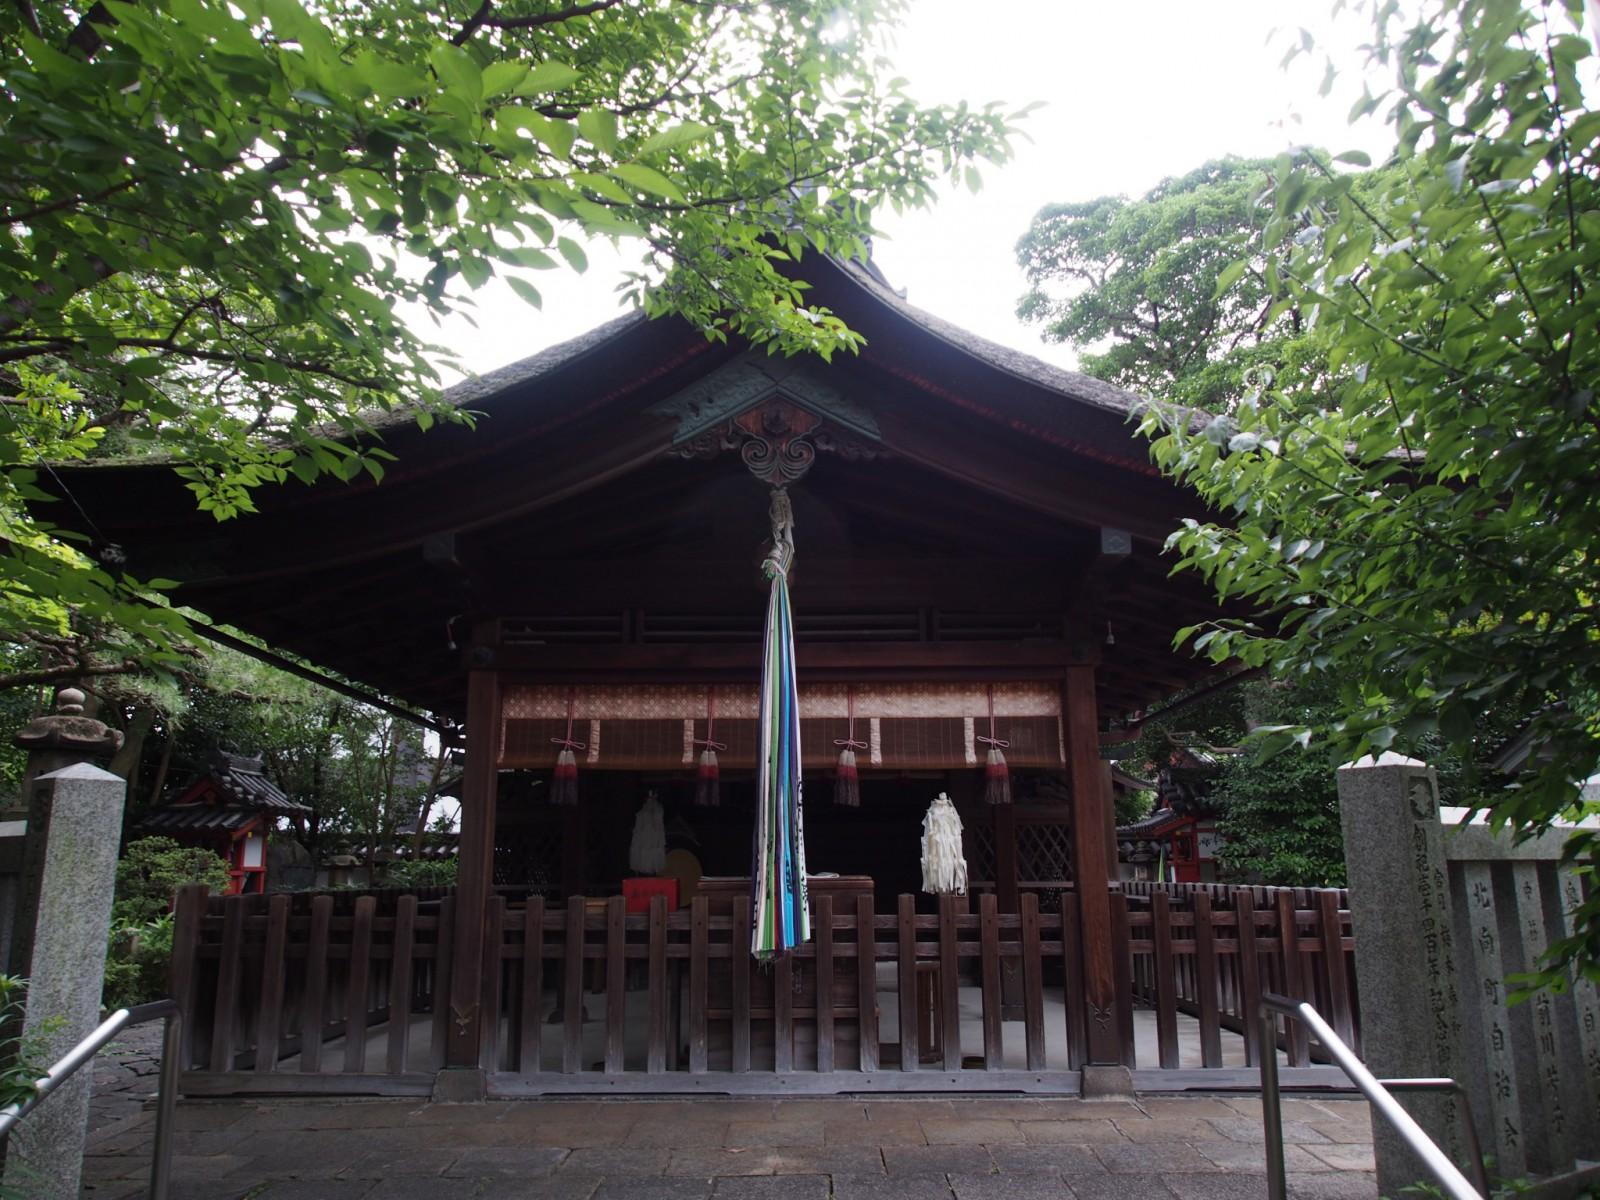 漢国神社の社殿